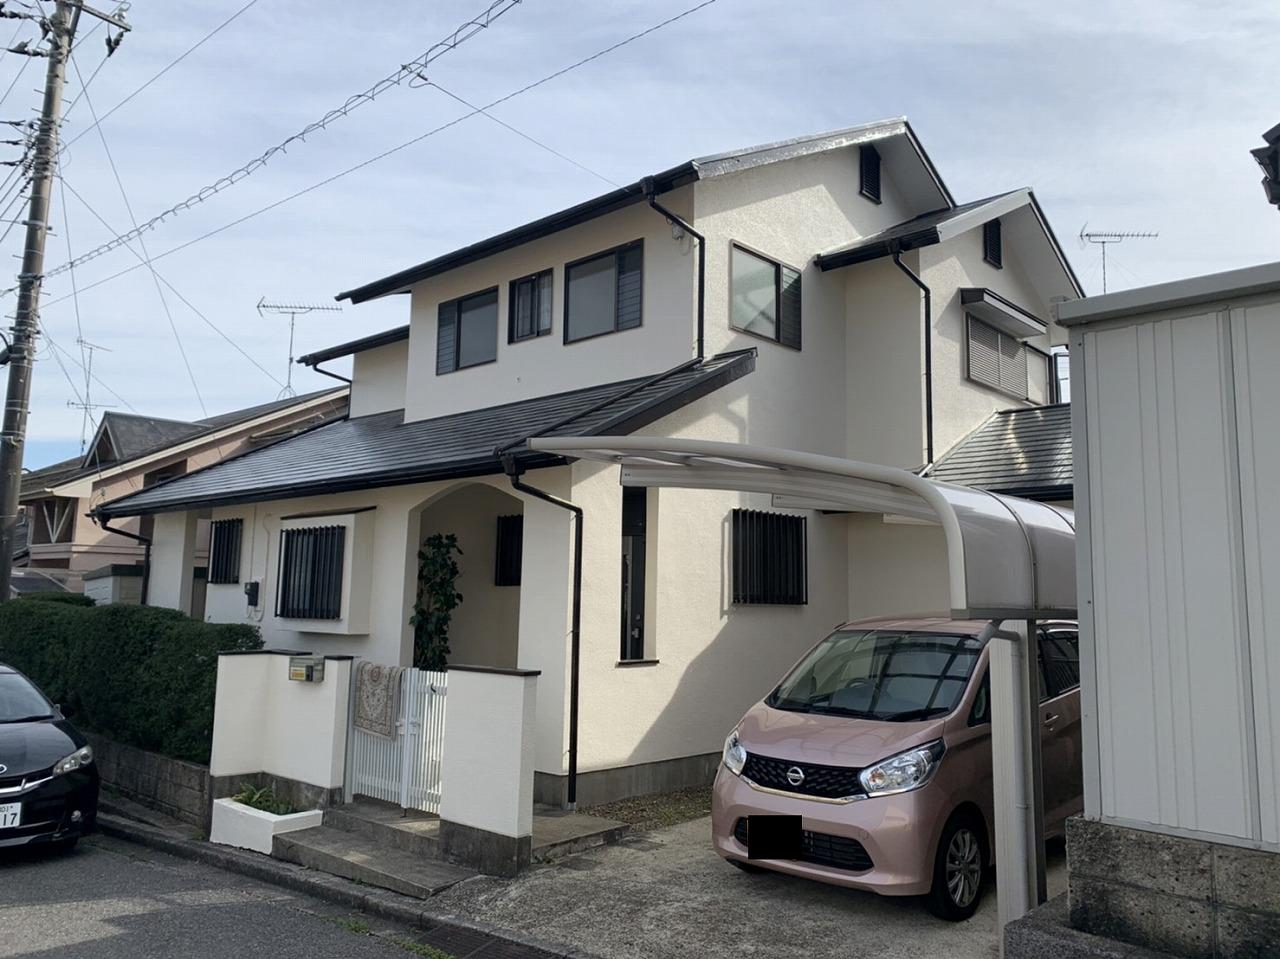 千葉県印旛郡K様邸 外壁・屋根塗装工事が完成しました!